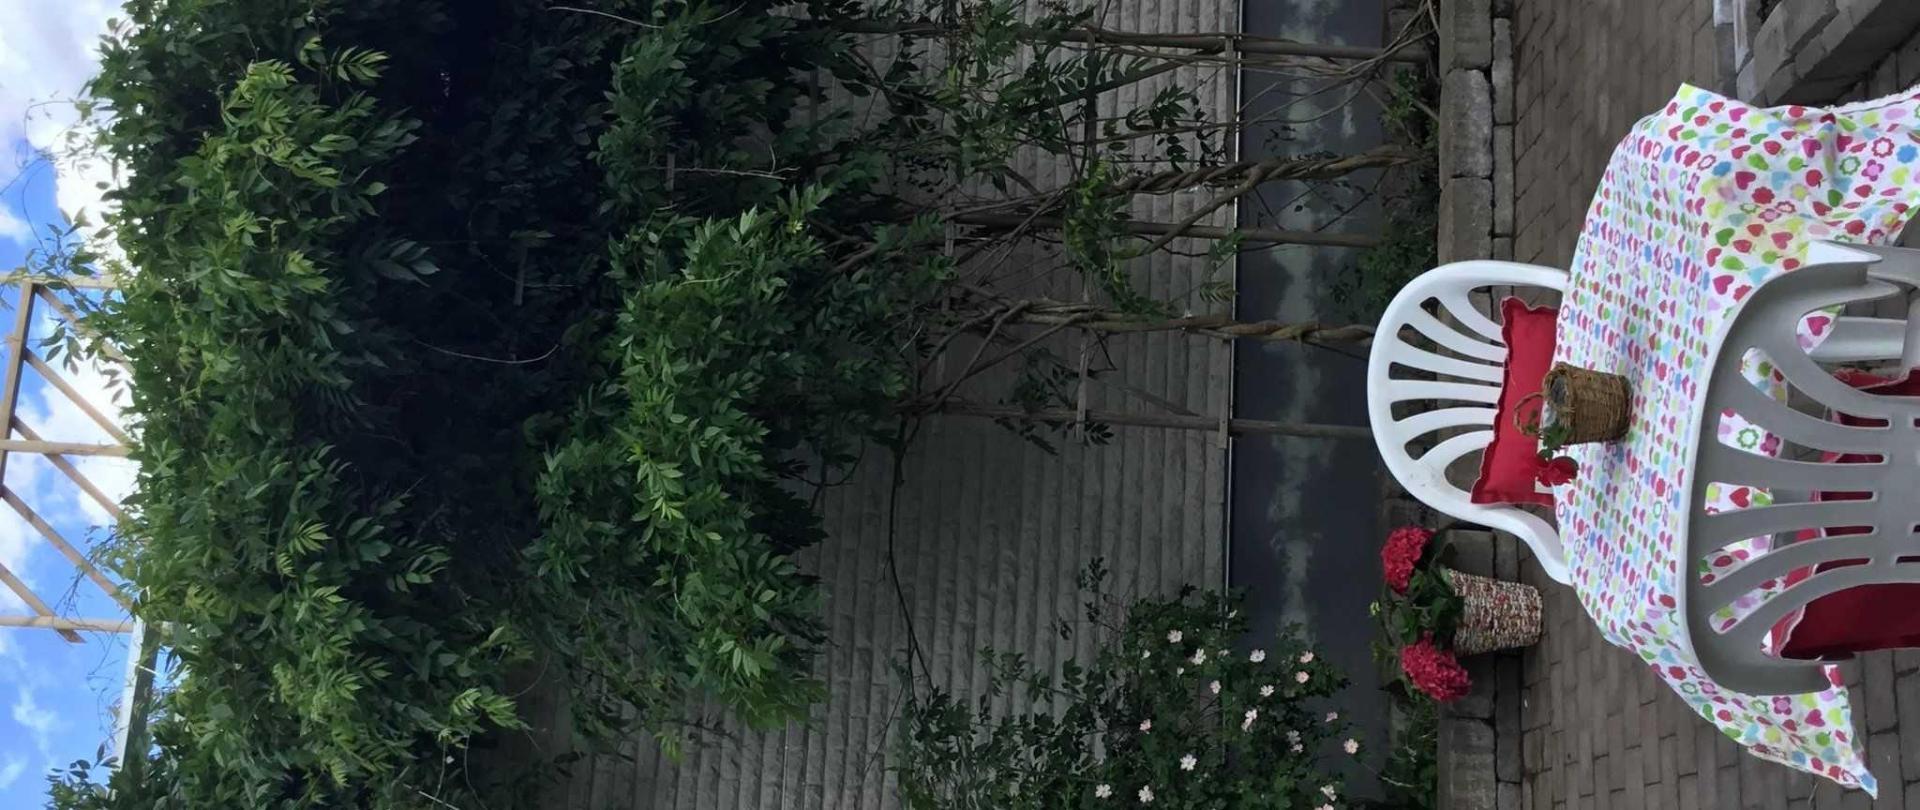 Porriga Underklder Nuru Massage Gteborgls Fitta Nordstaden